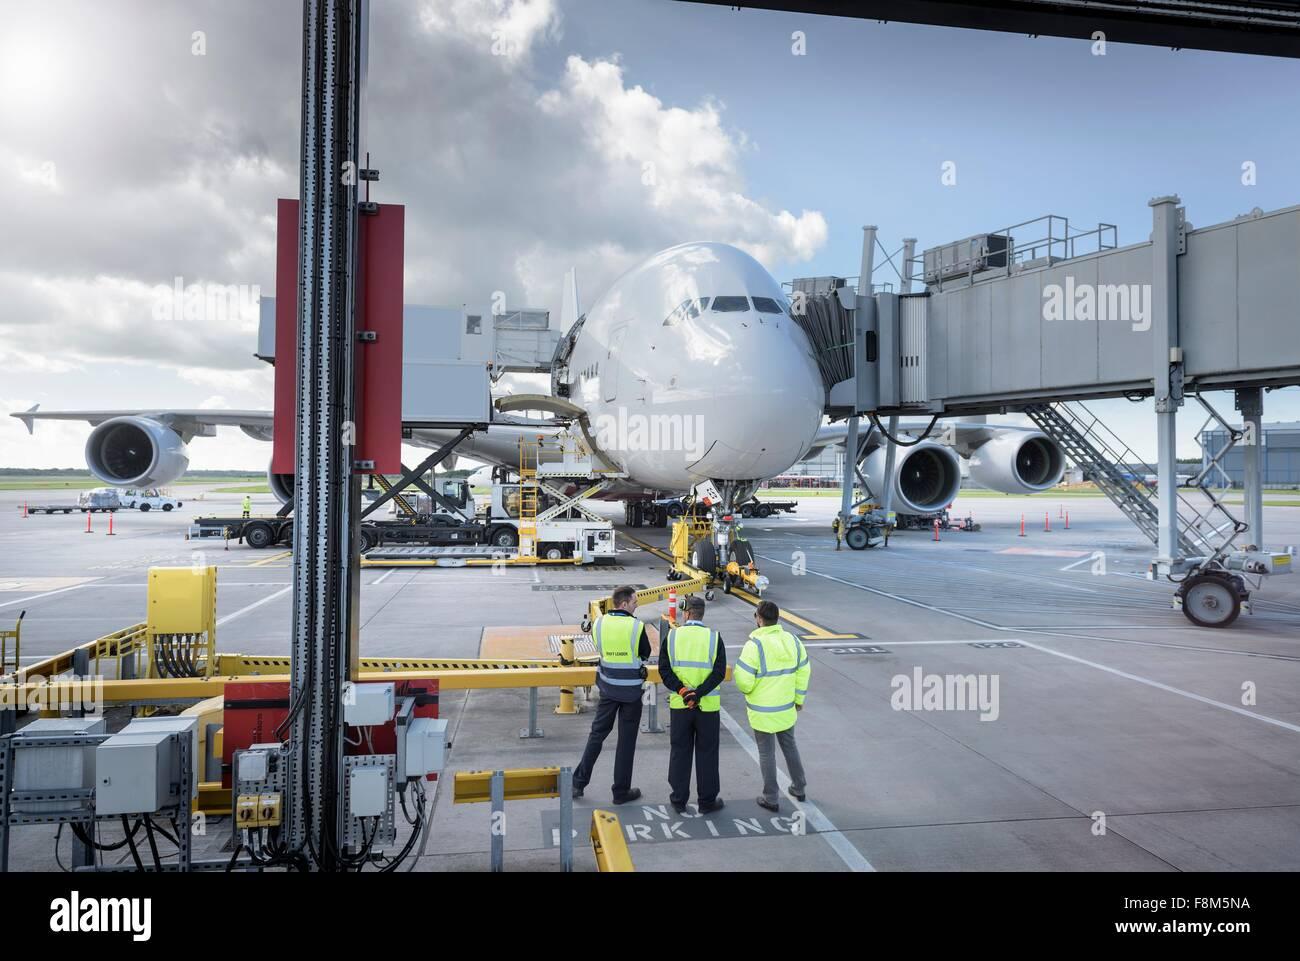 Personale di terra ispezionando un380 su supporto in aeroporto Immagini Stock